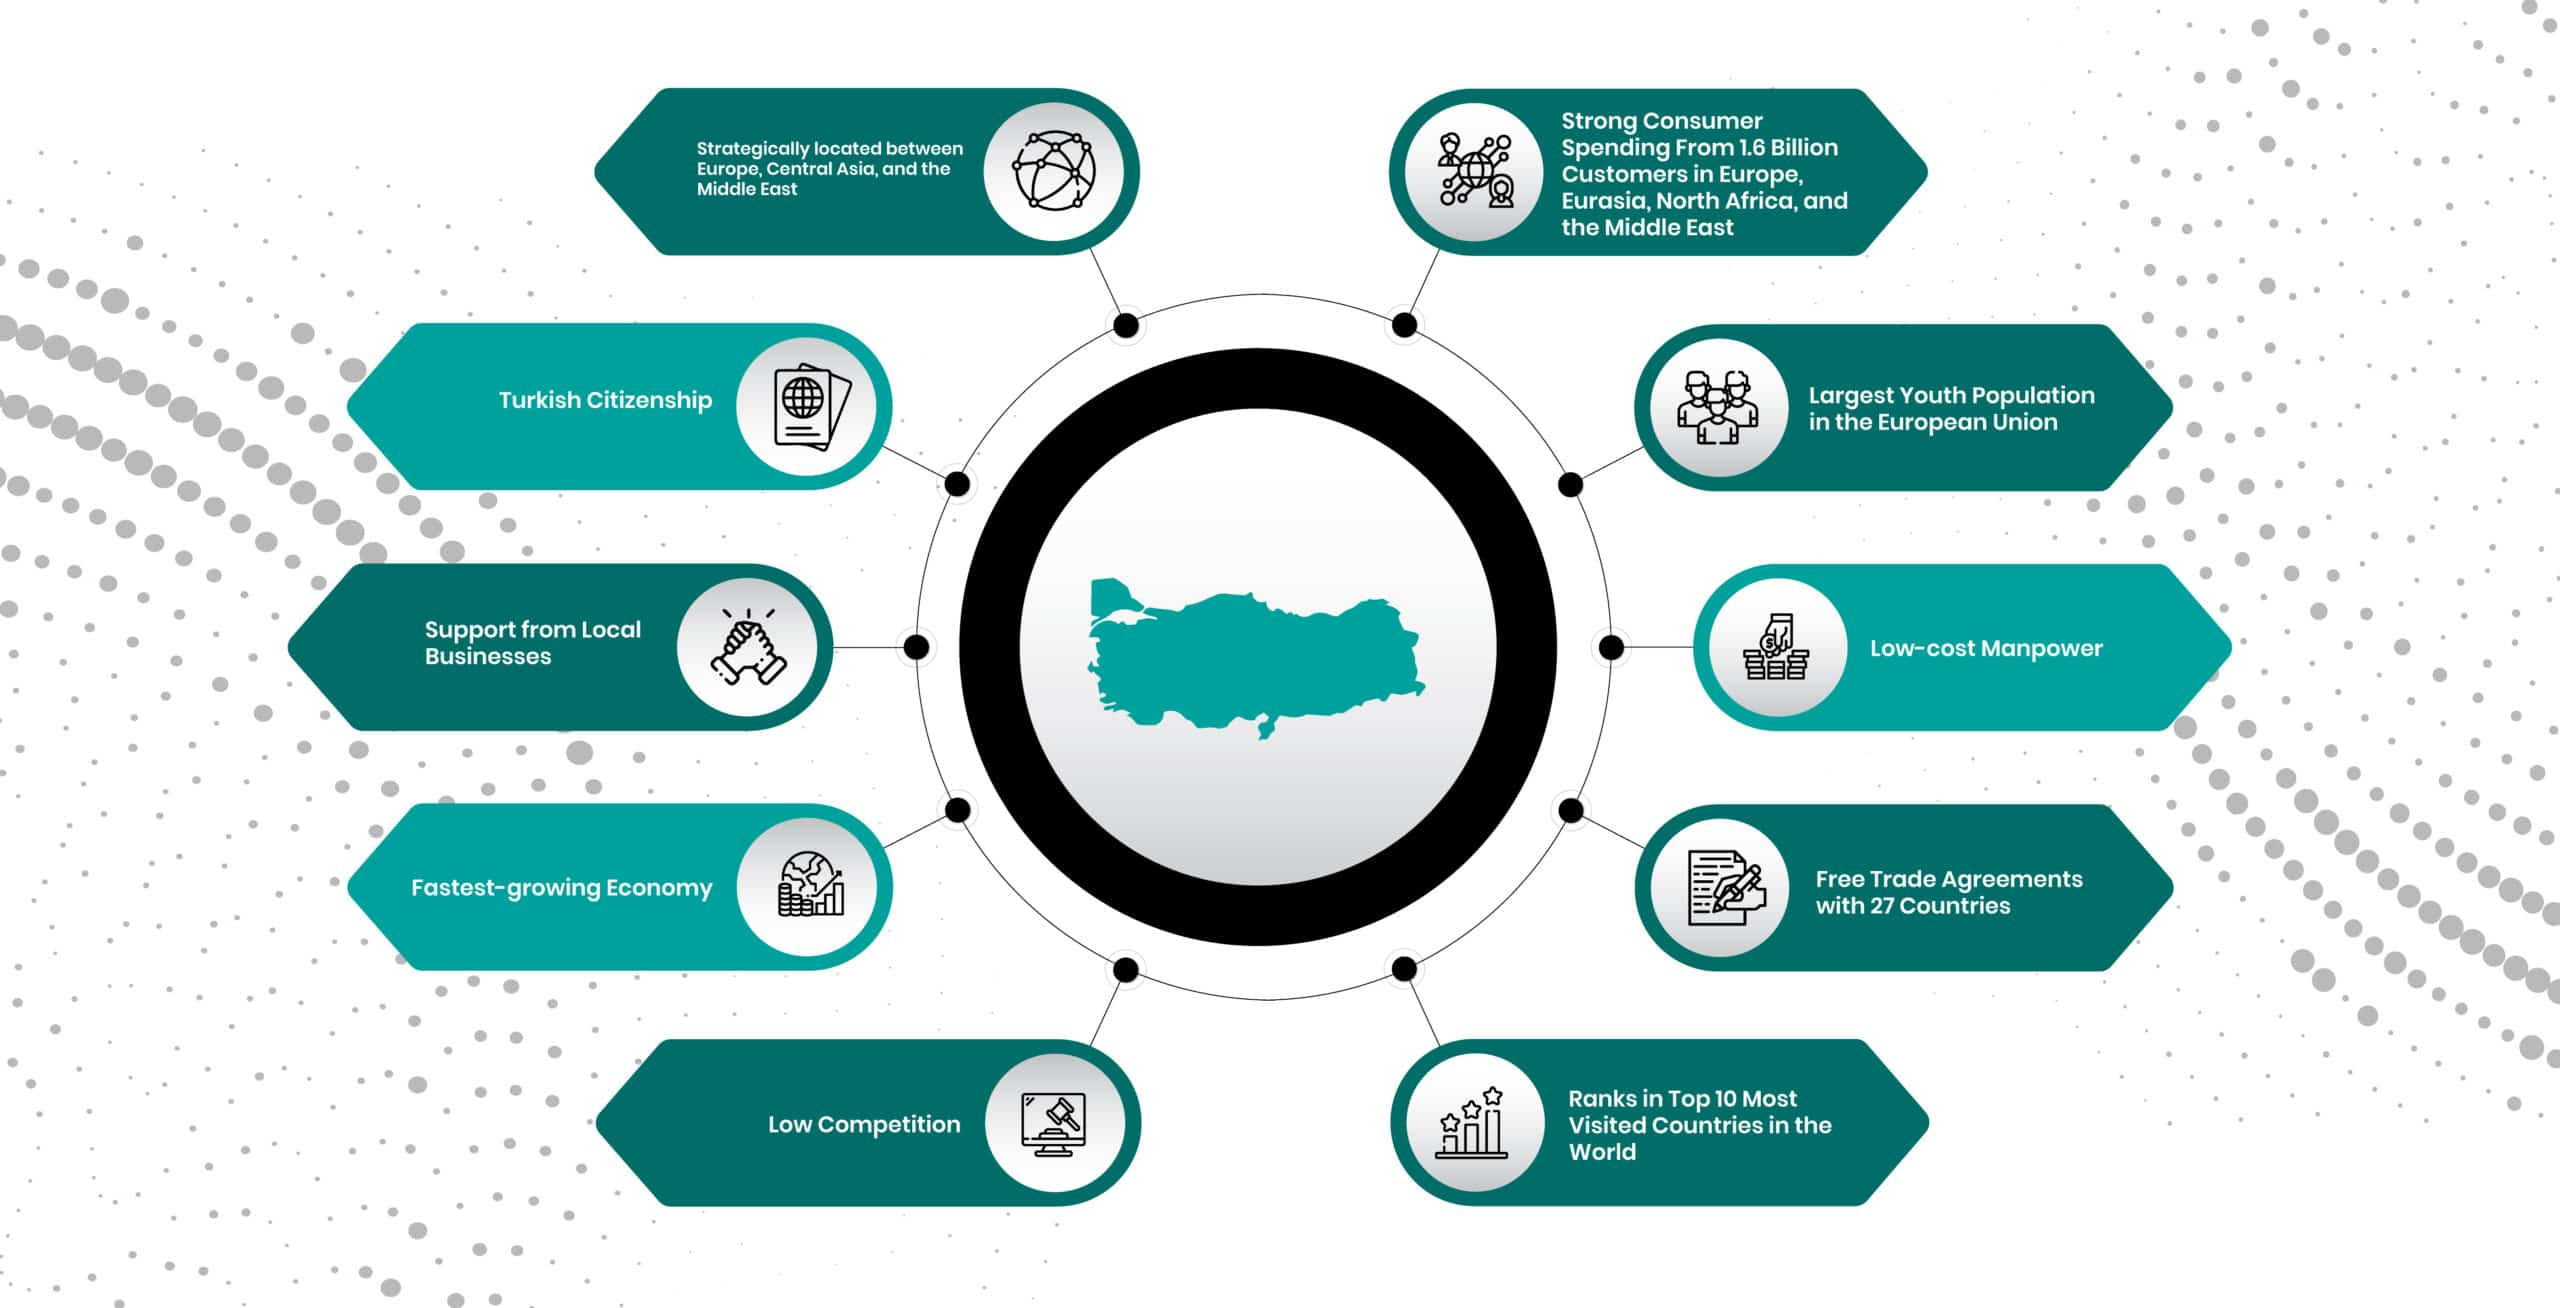 Business registration in Turkey benefits